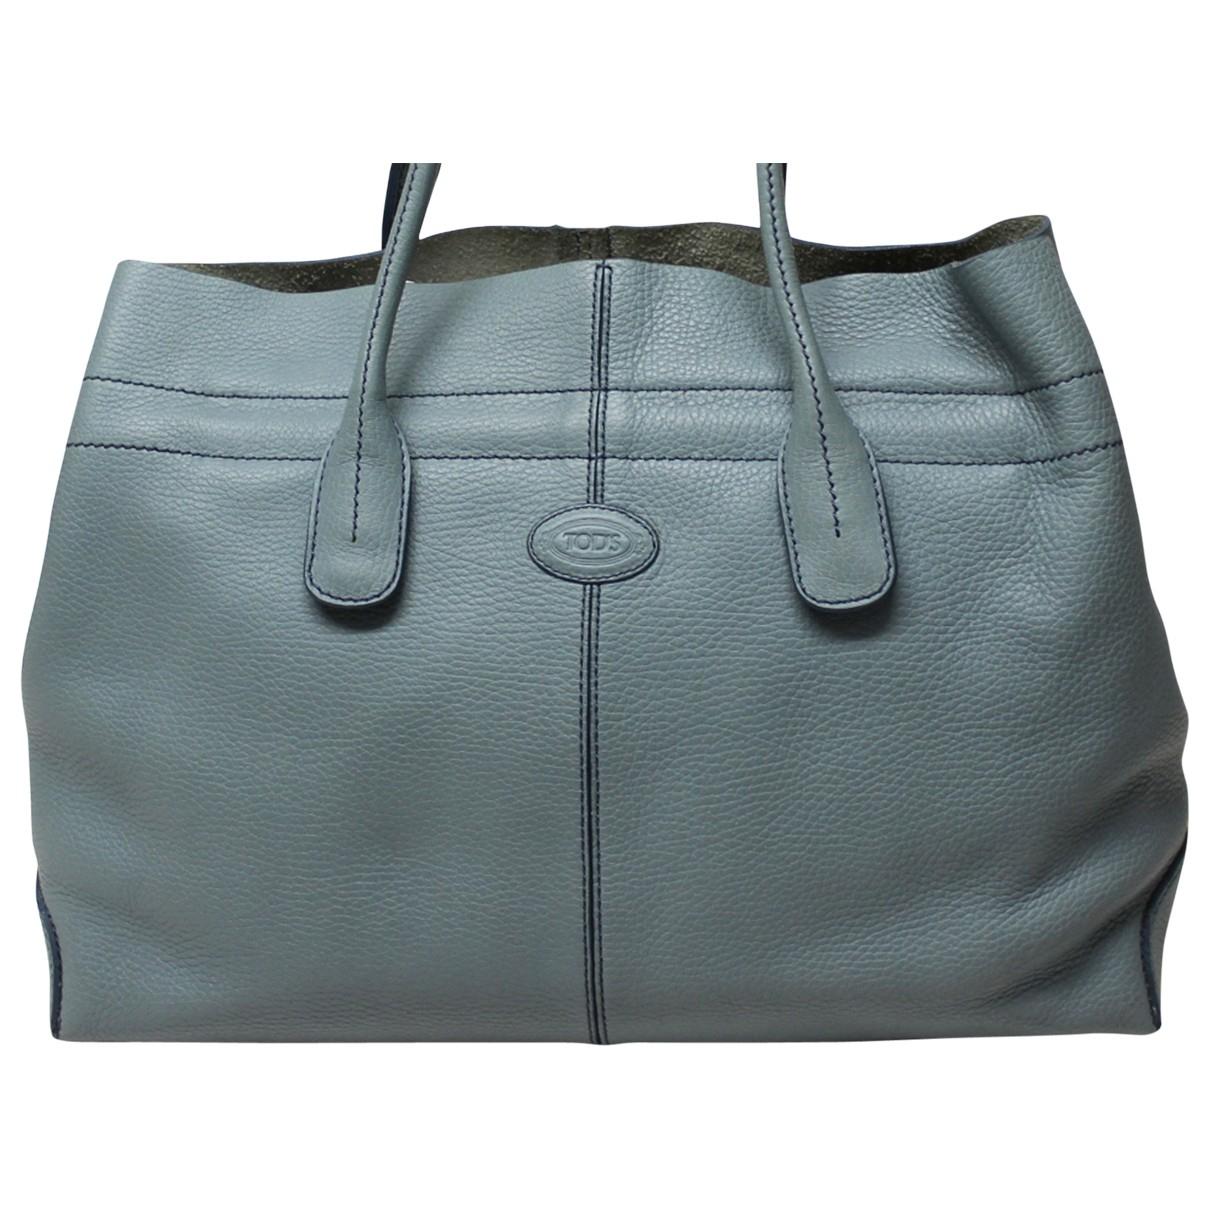 Tod's \N Leather handbag for Women \N